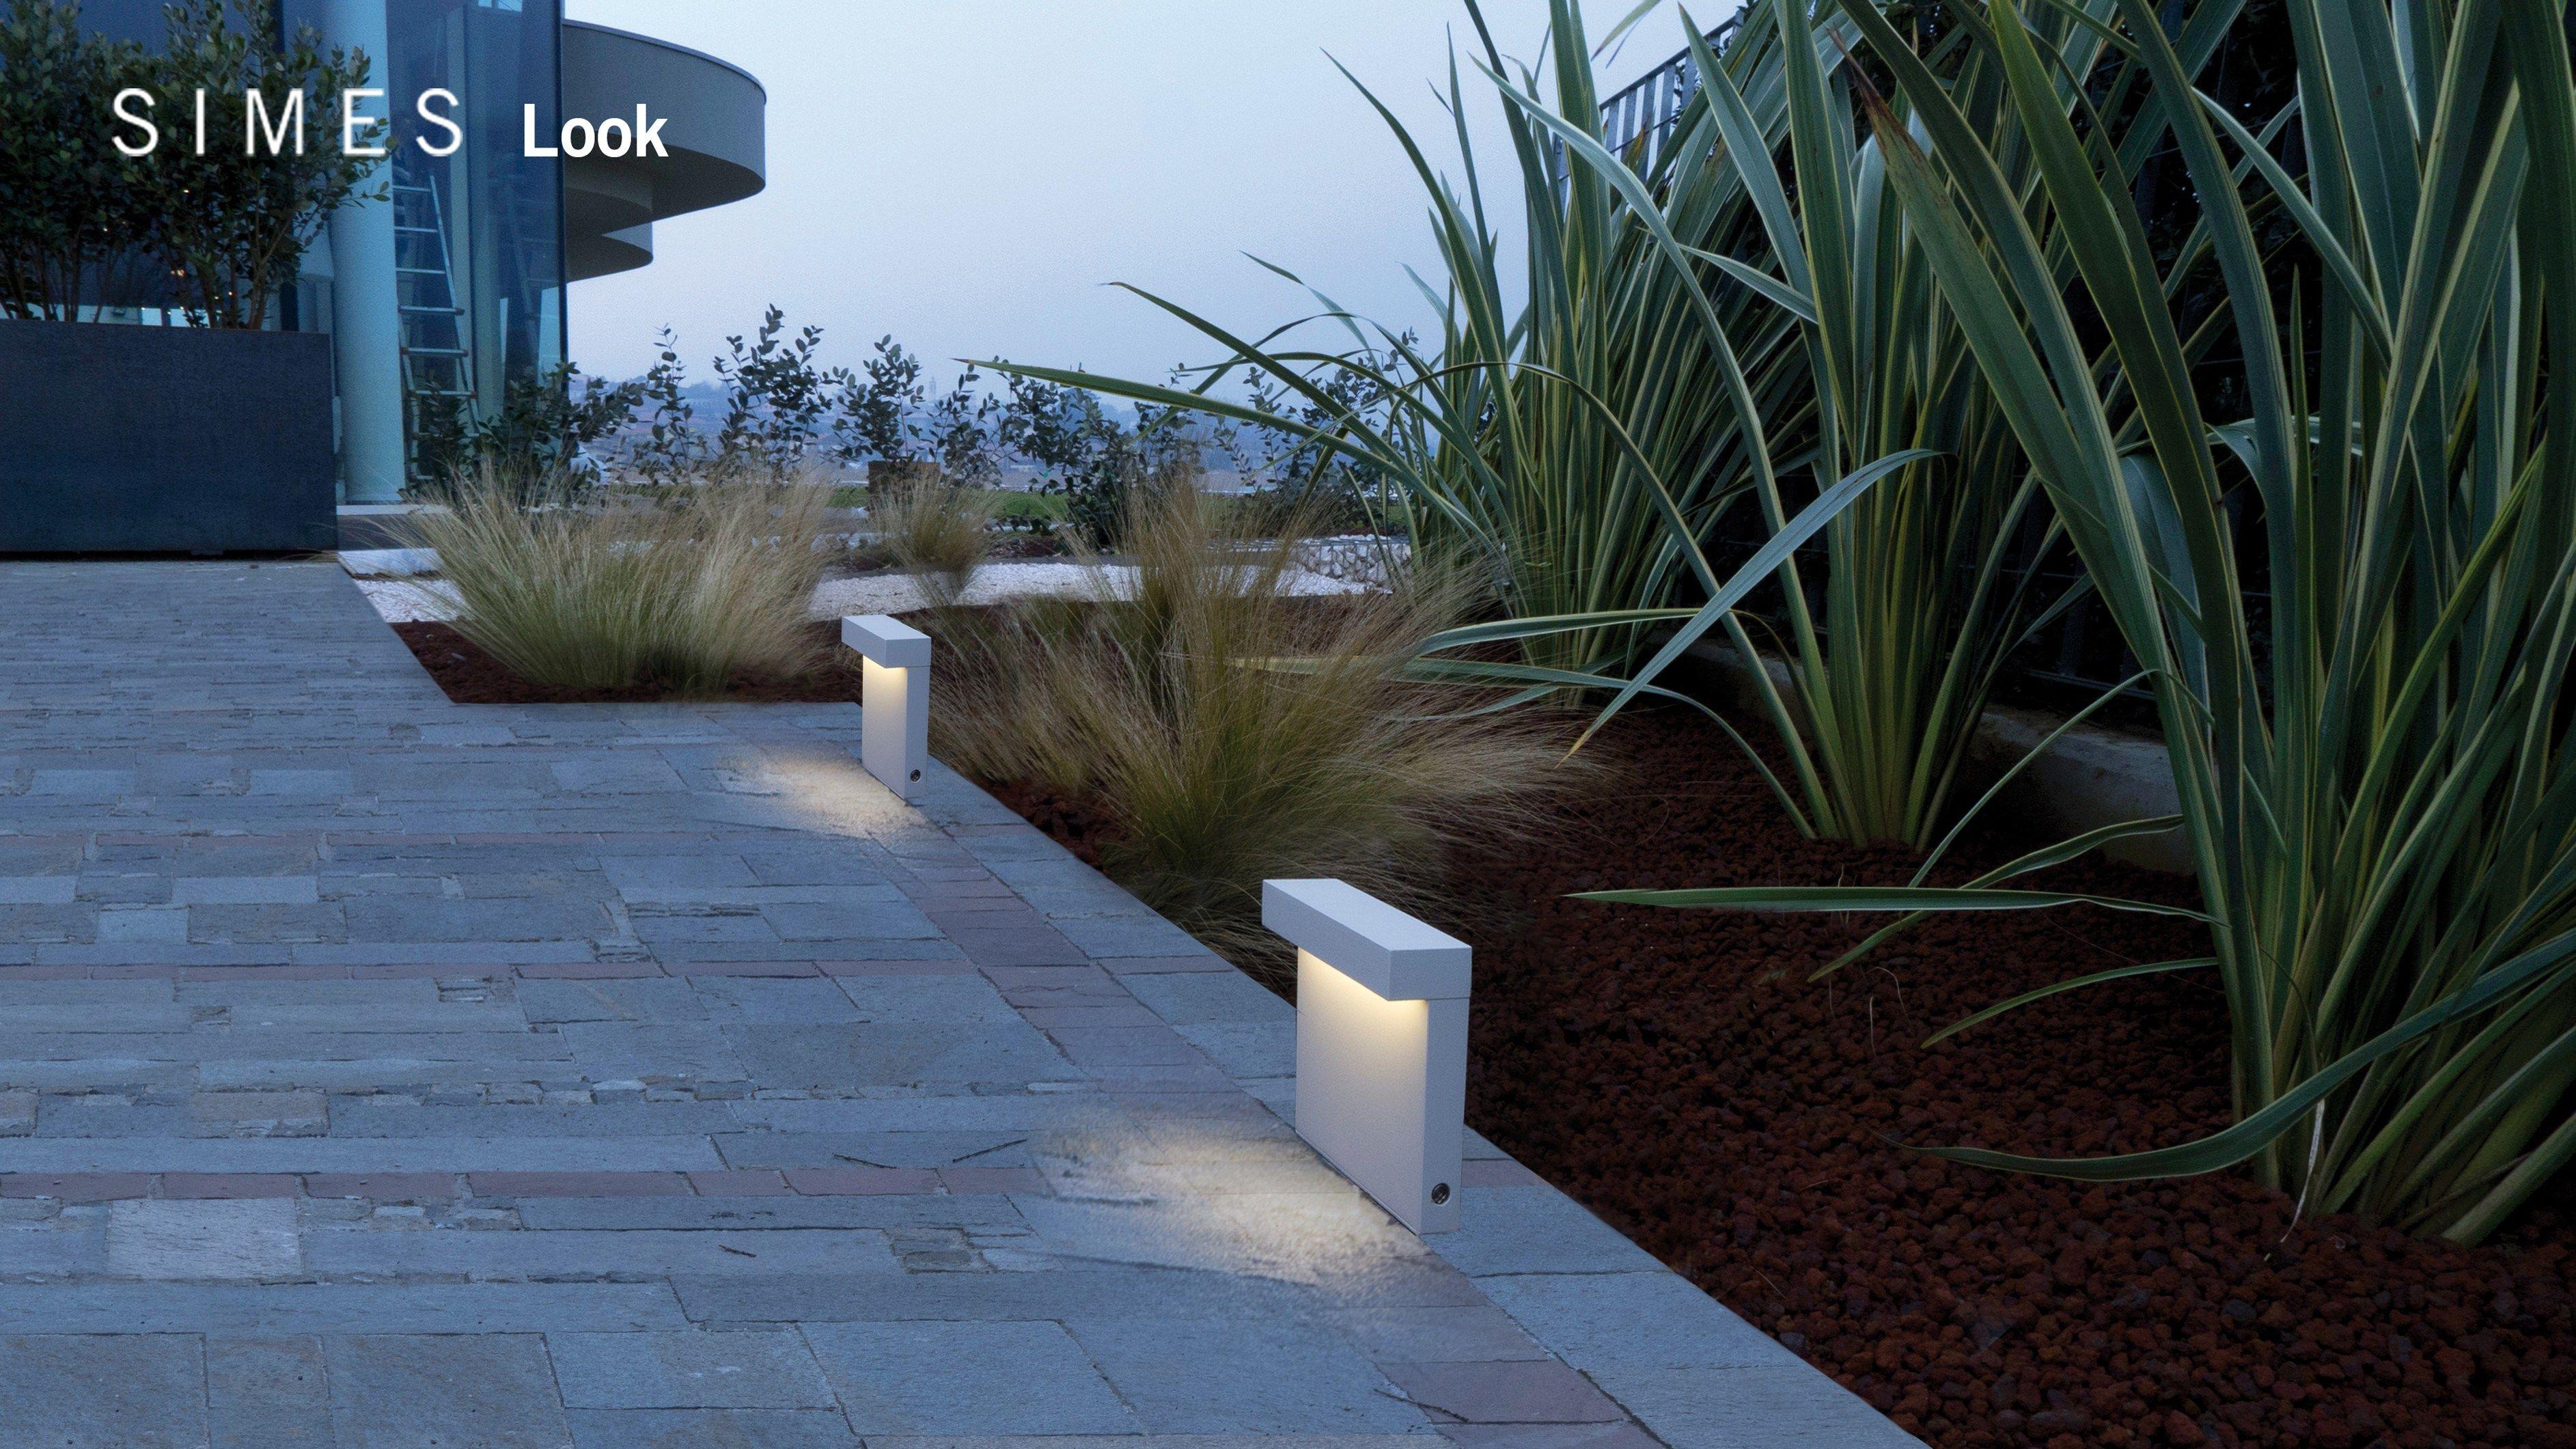 Look Led Wandleuchten By Simes Landschaftsbeleuchtung Licht Im Garten Aussenbeleuchtung